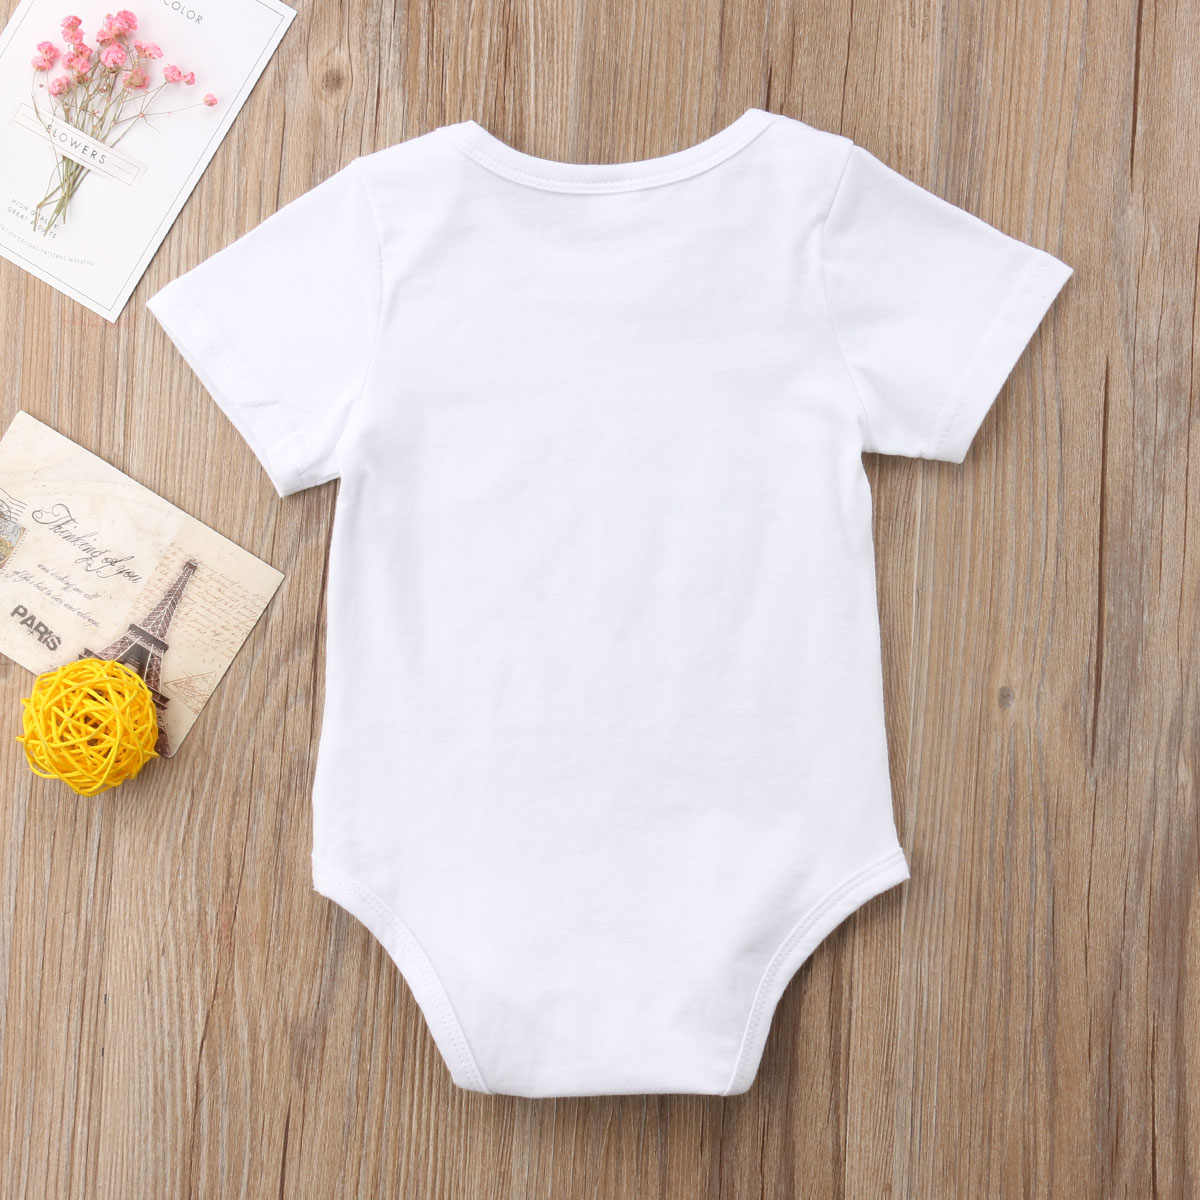 夏の子供服年齢 0-5T ベビー半袖妹ボディースーツジャンプスーツ兄綿 Tシャツ tシャツ